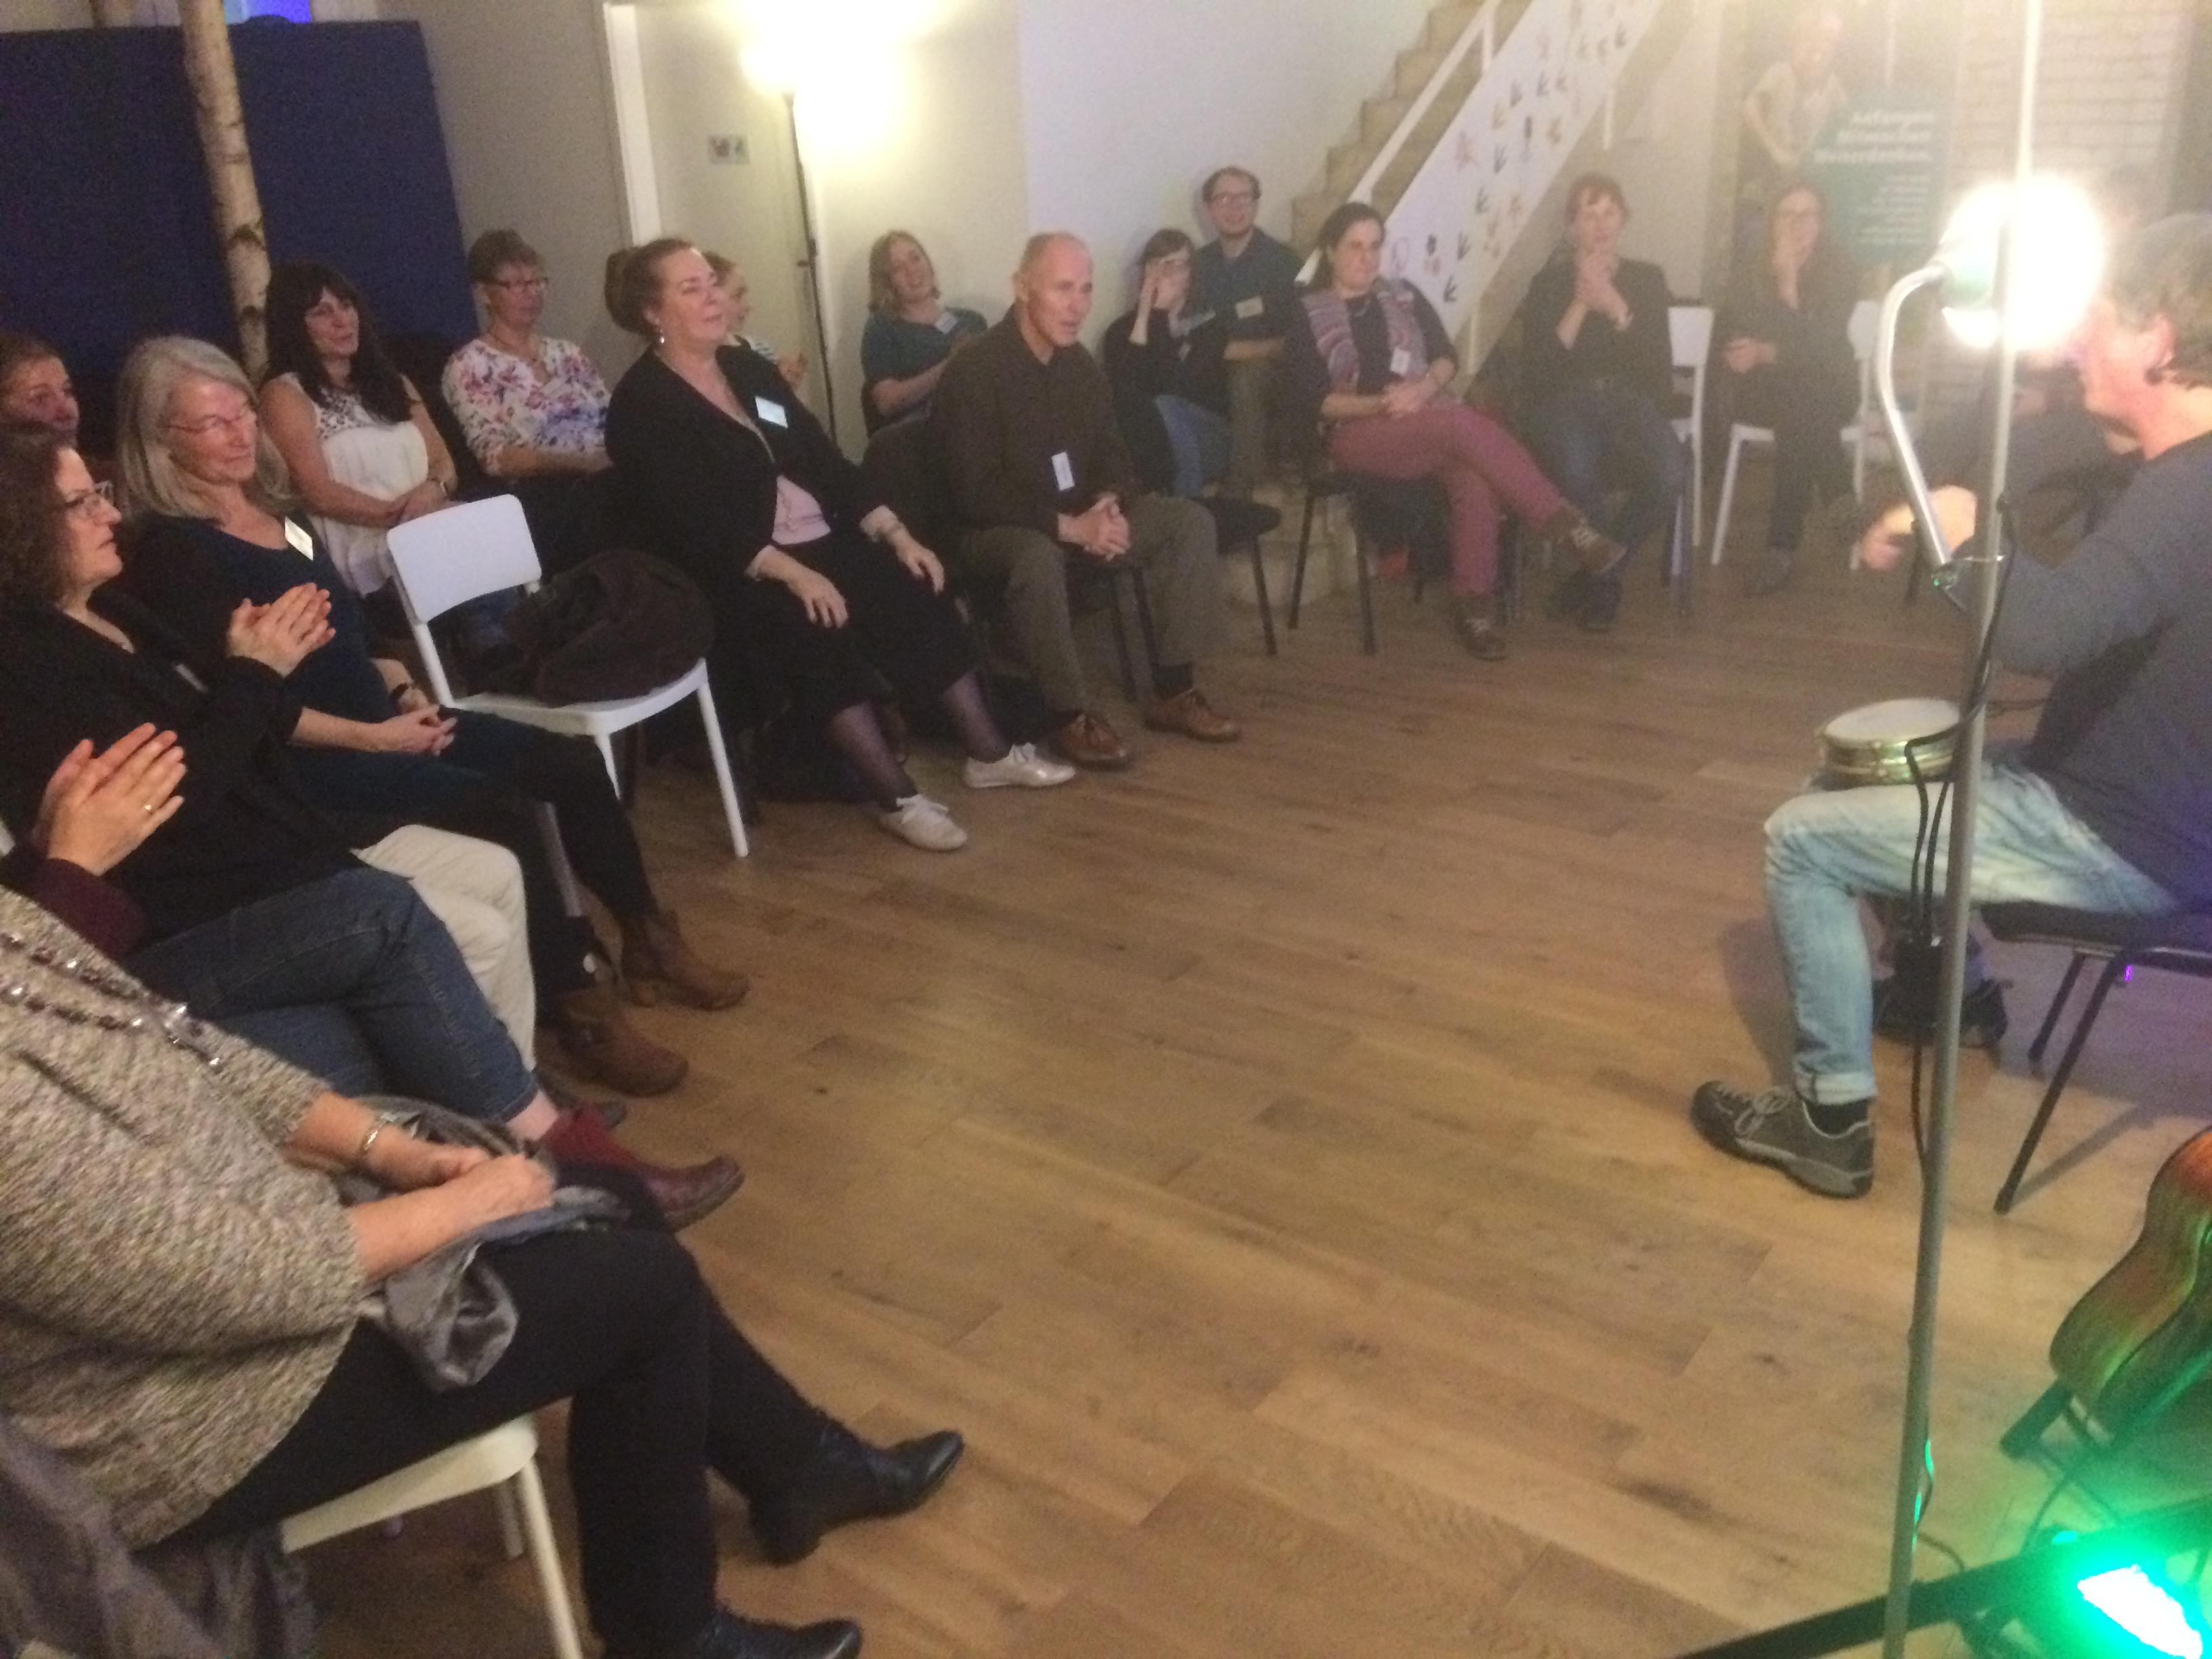 Das Publikum sitzt im Halbkreis und lauscht gespannt dem Mitmachprogramm.